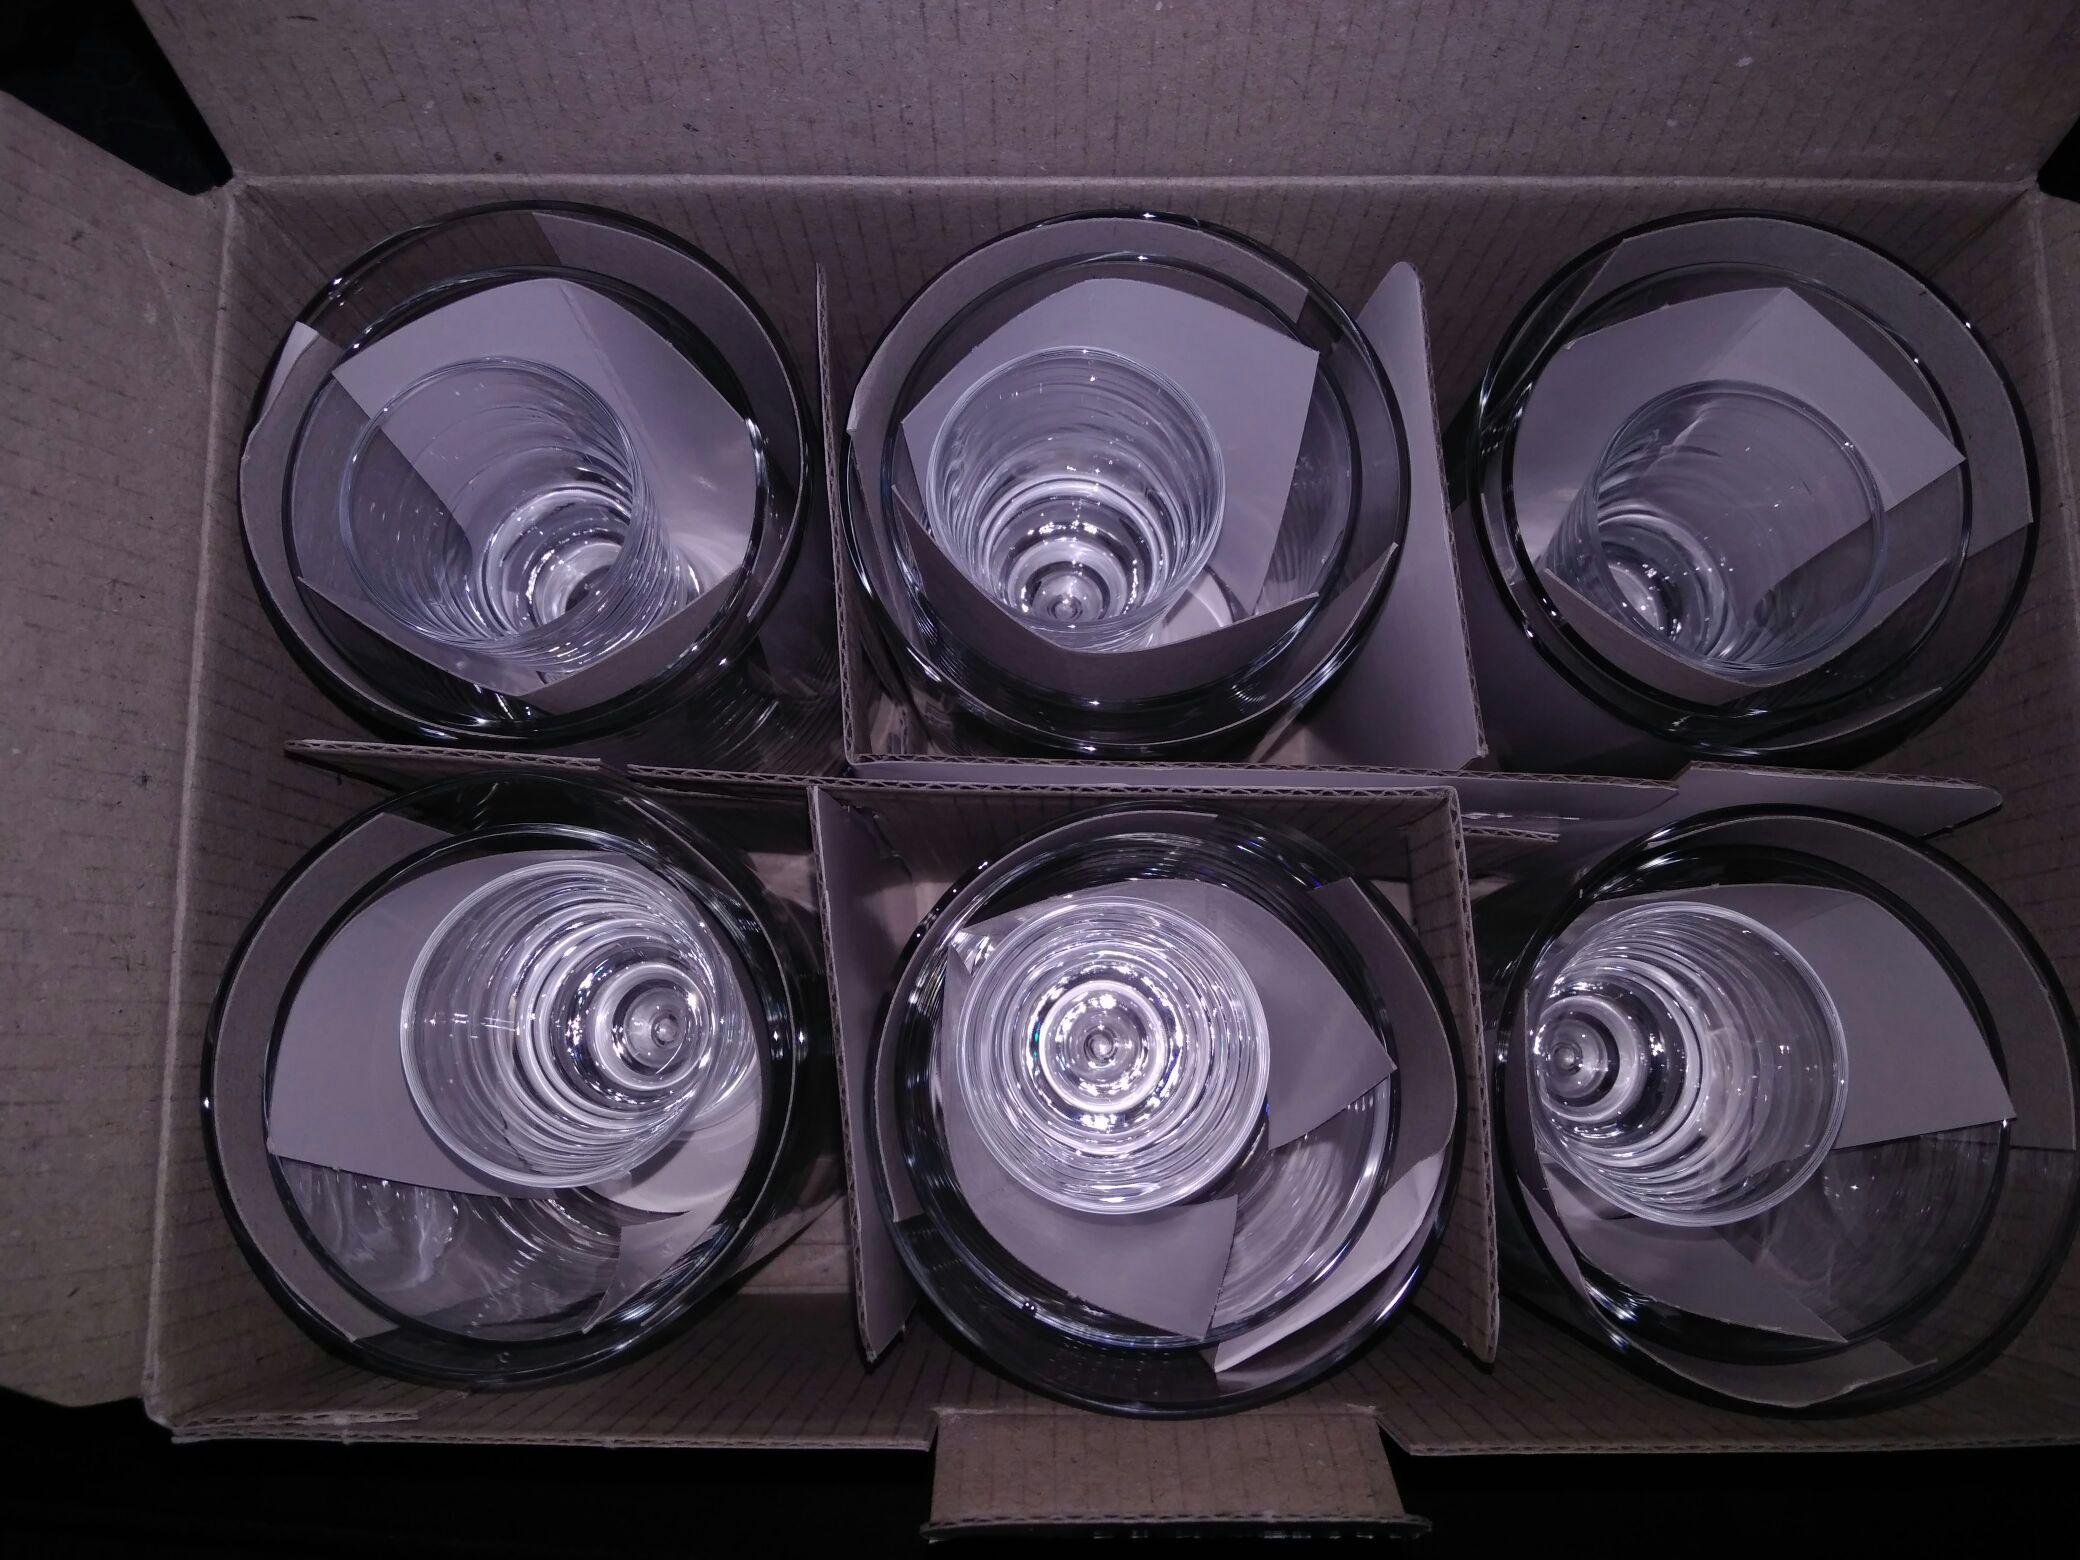 Komplet szklanek i kieliszków